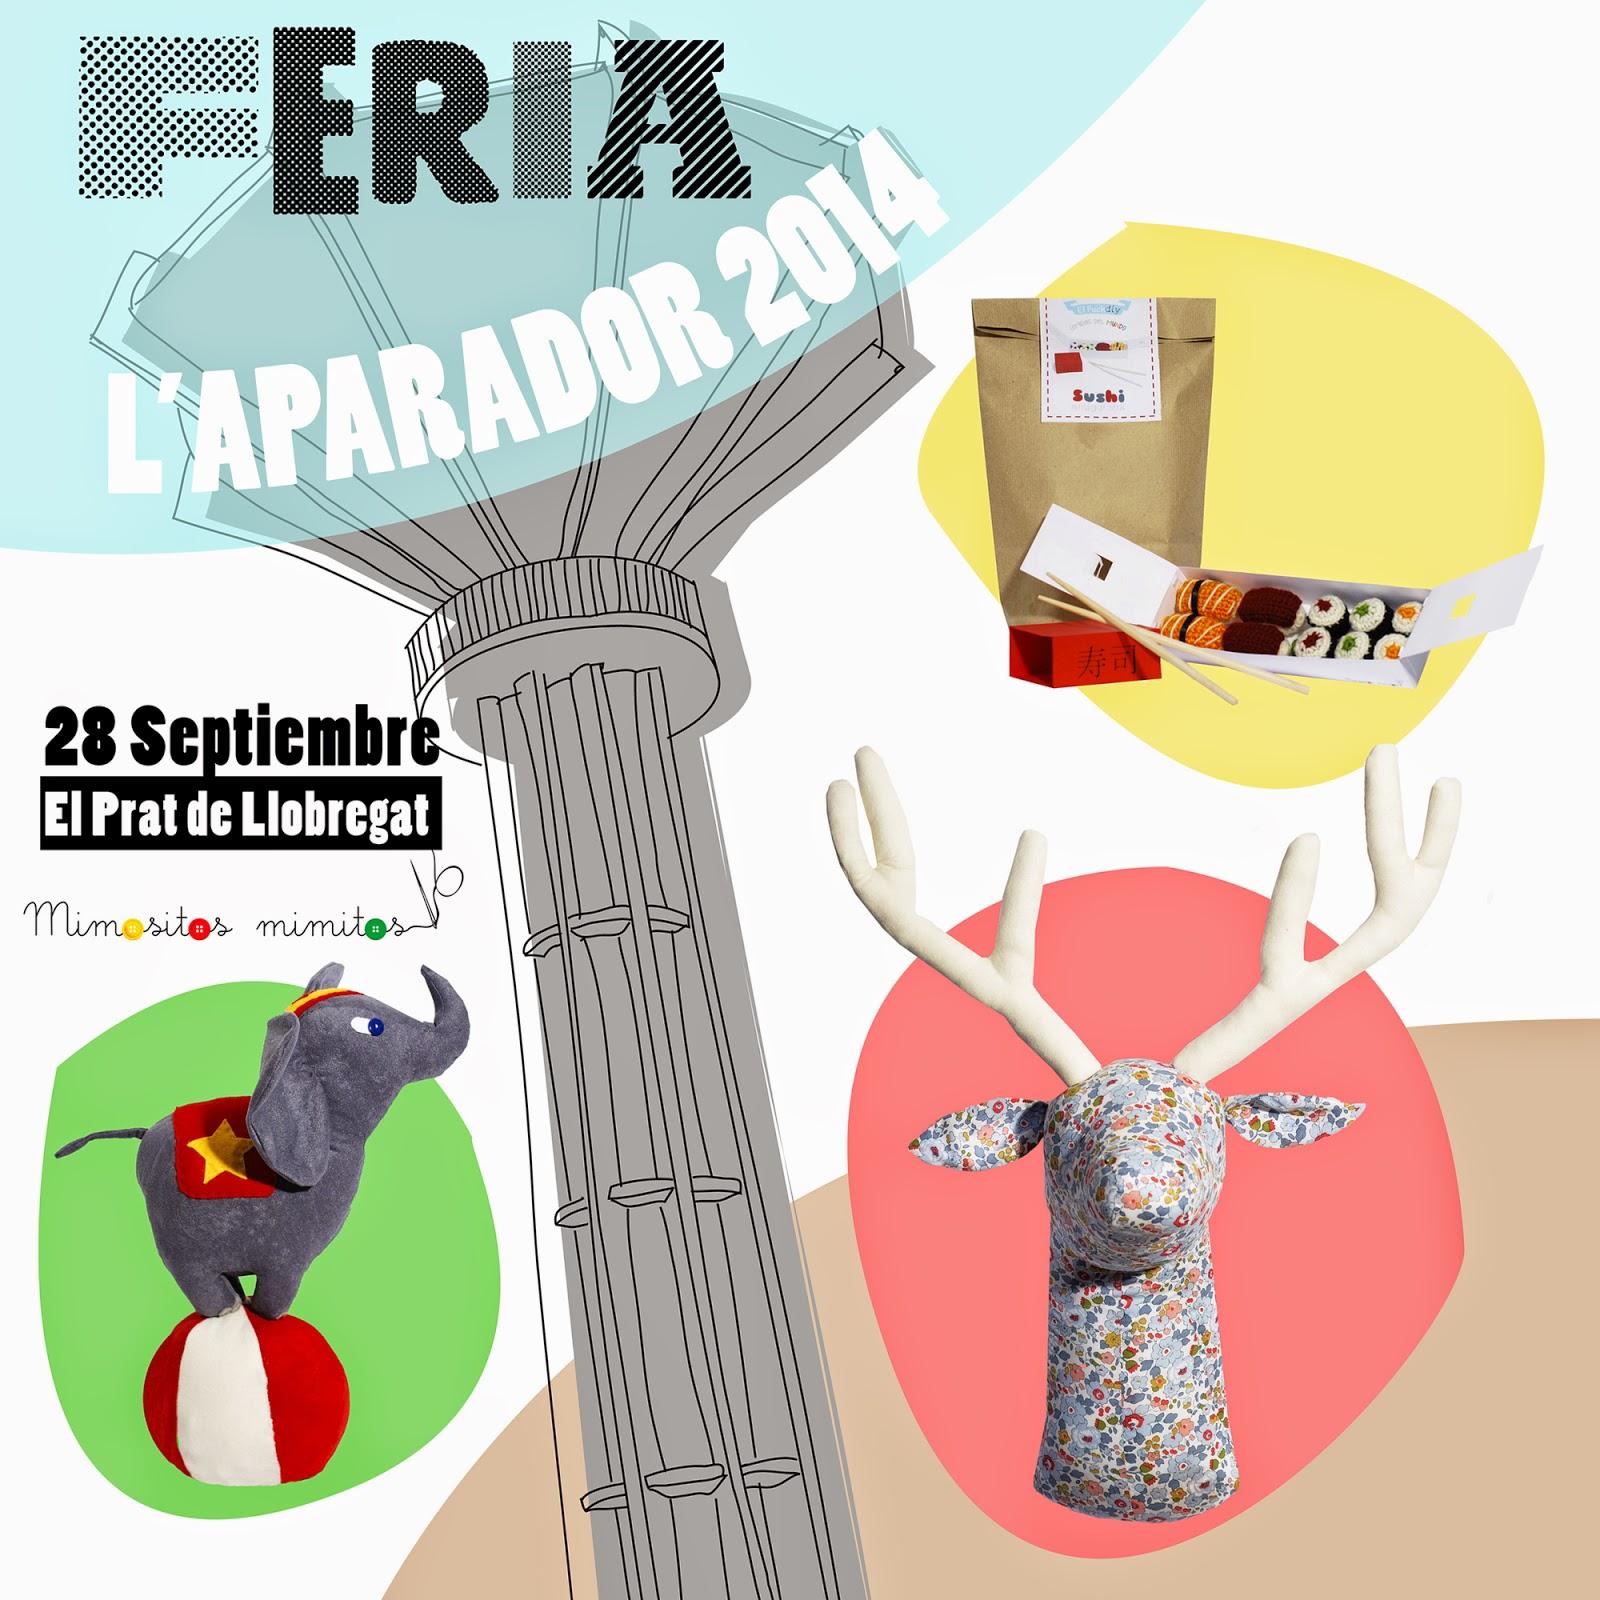 feria artesanal craft handmade DIY muñeco hechoamano aparador 2014 fira prat